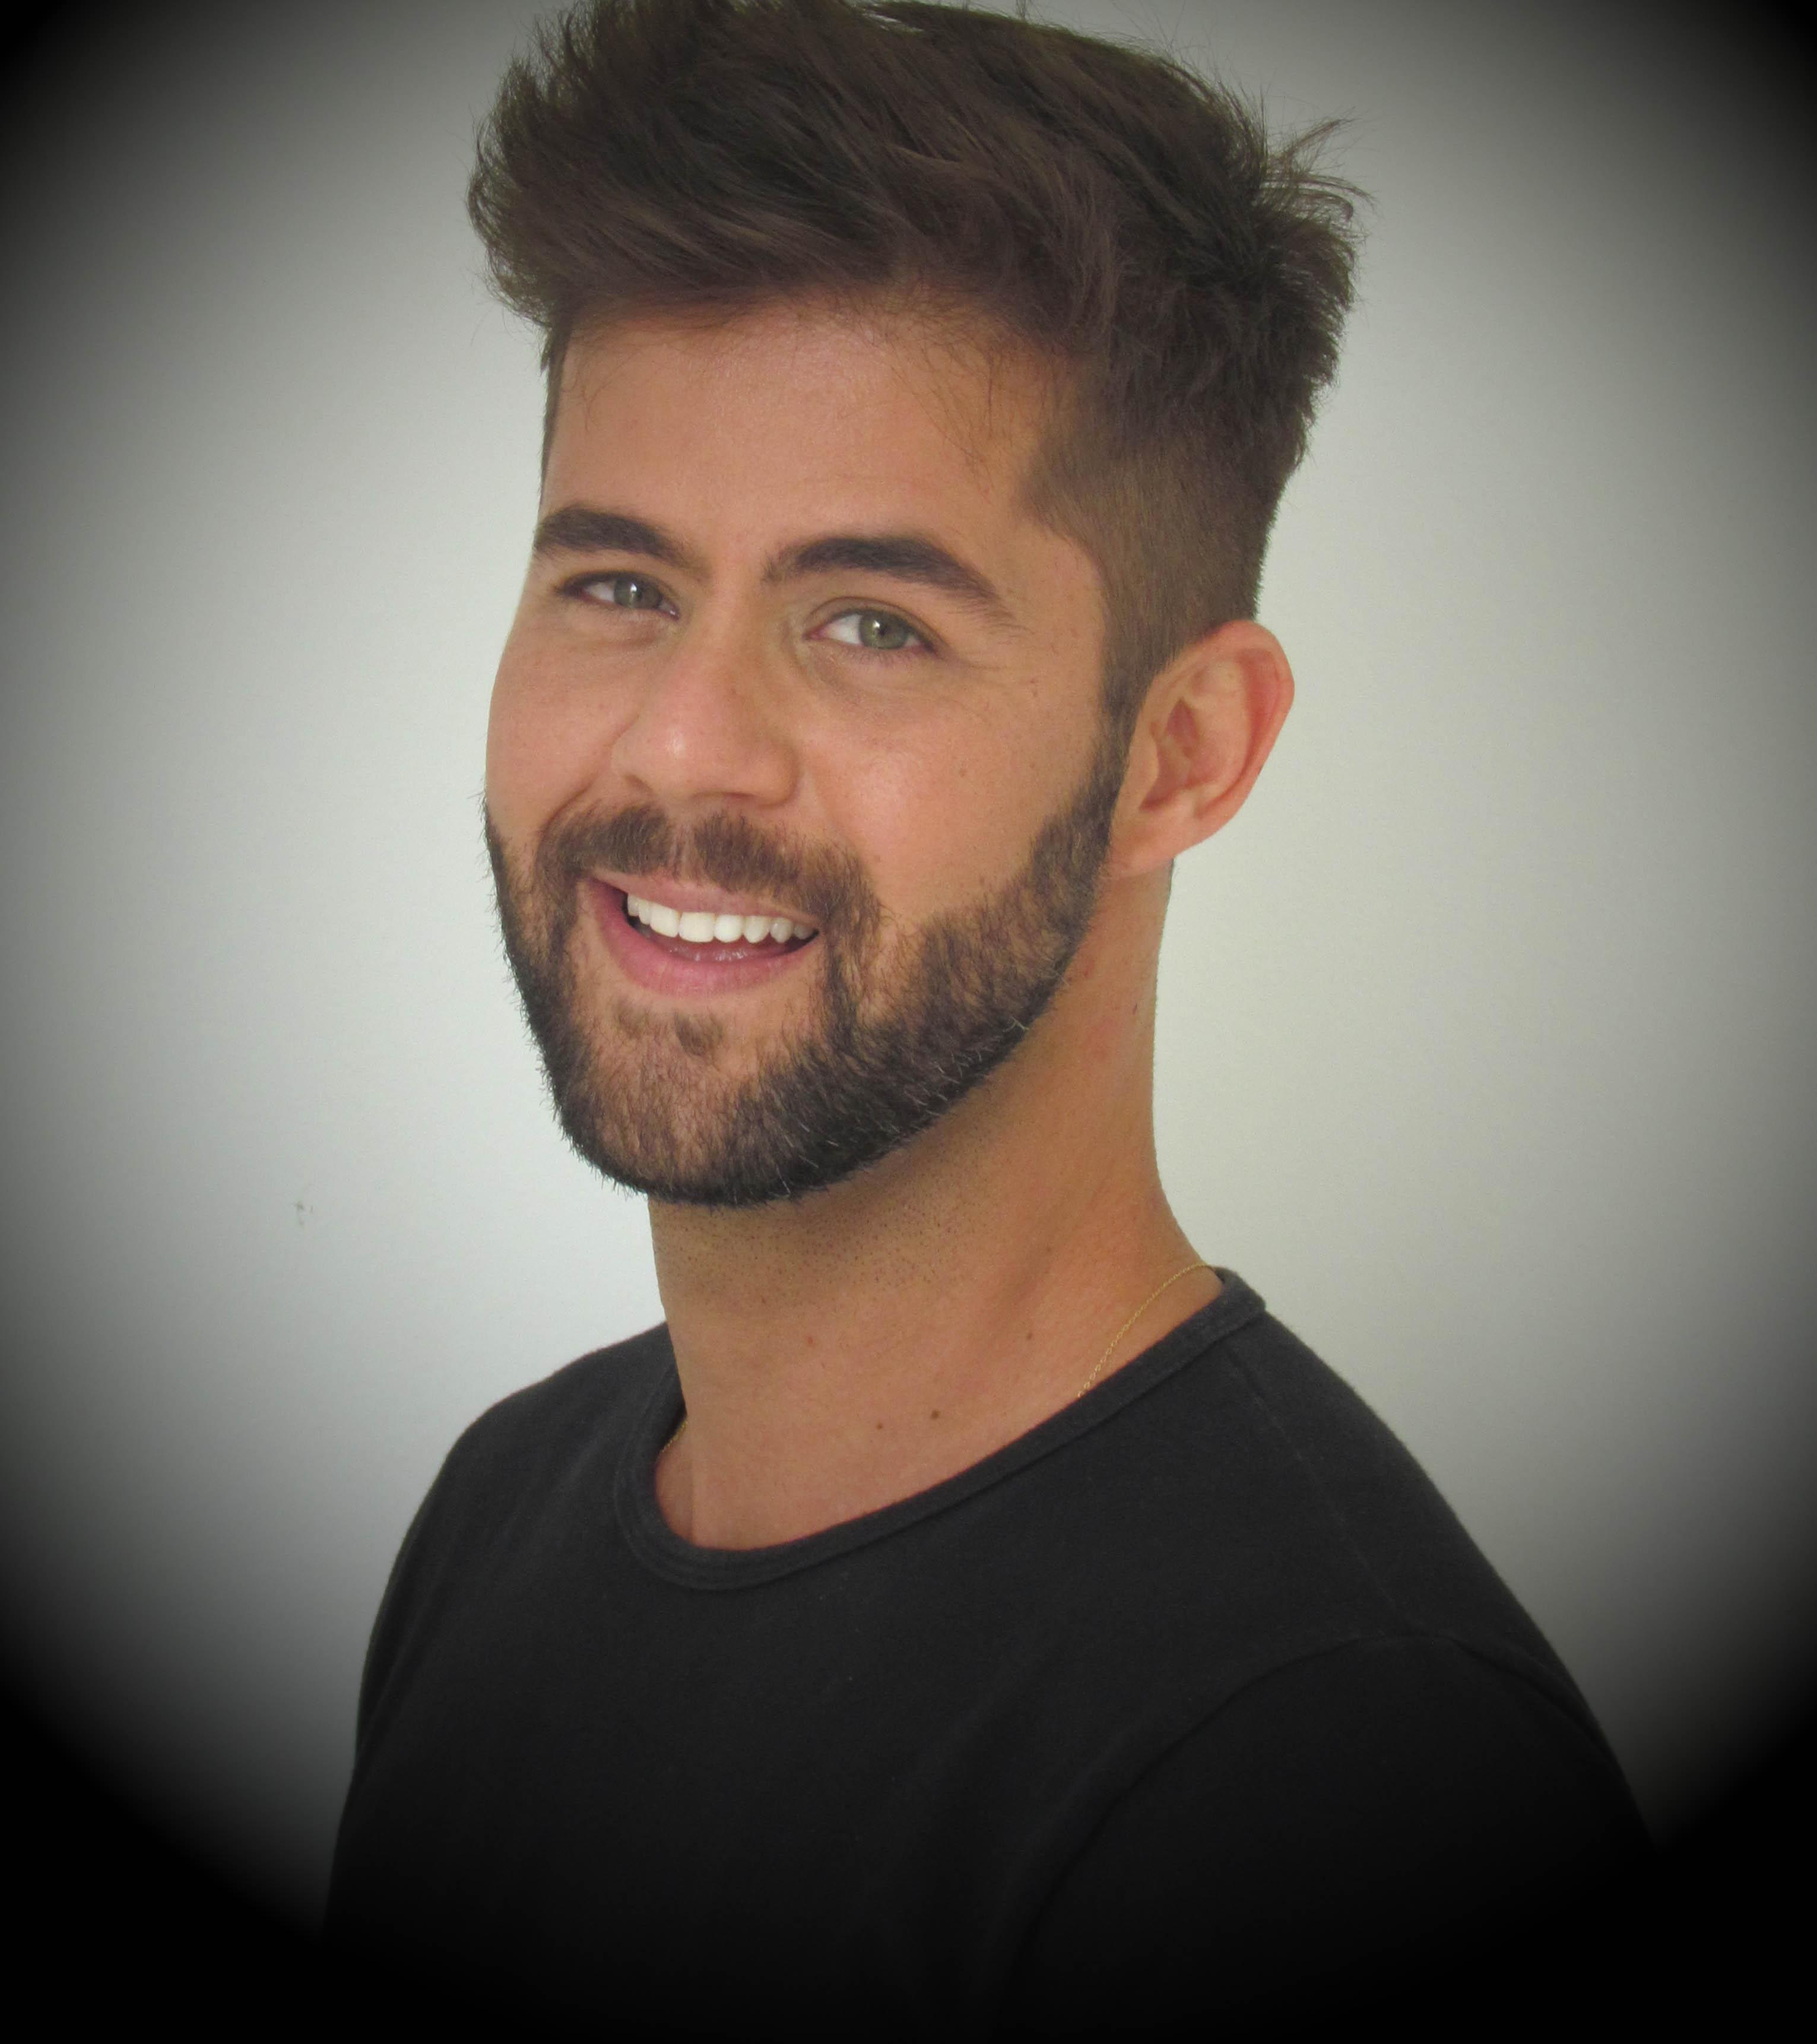 lovely cortes modernos de cabelo masculino imagem-Inspirational Cortes Modernos De Cabelo Masculino Modelo